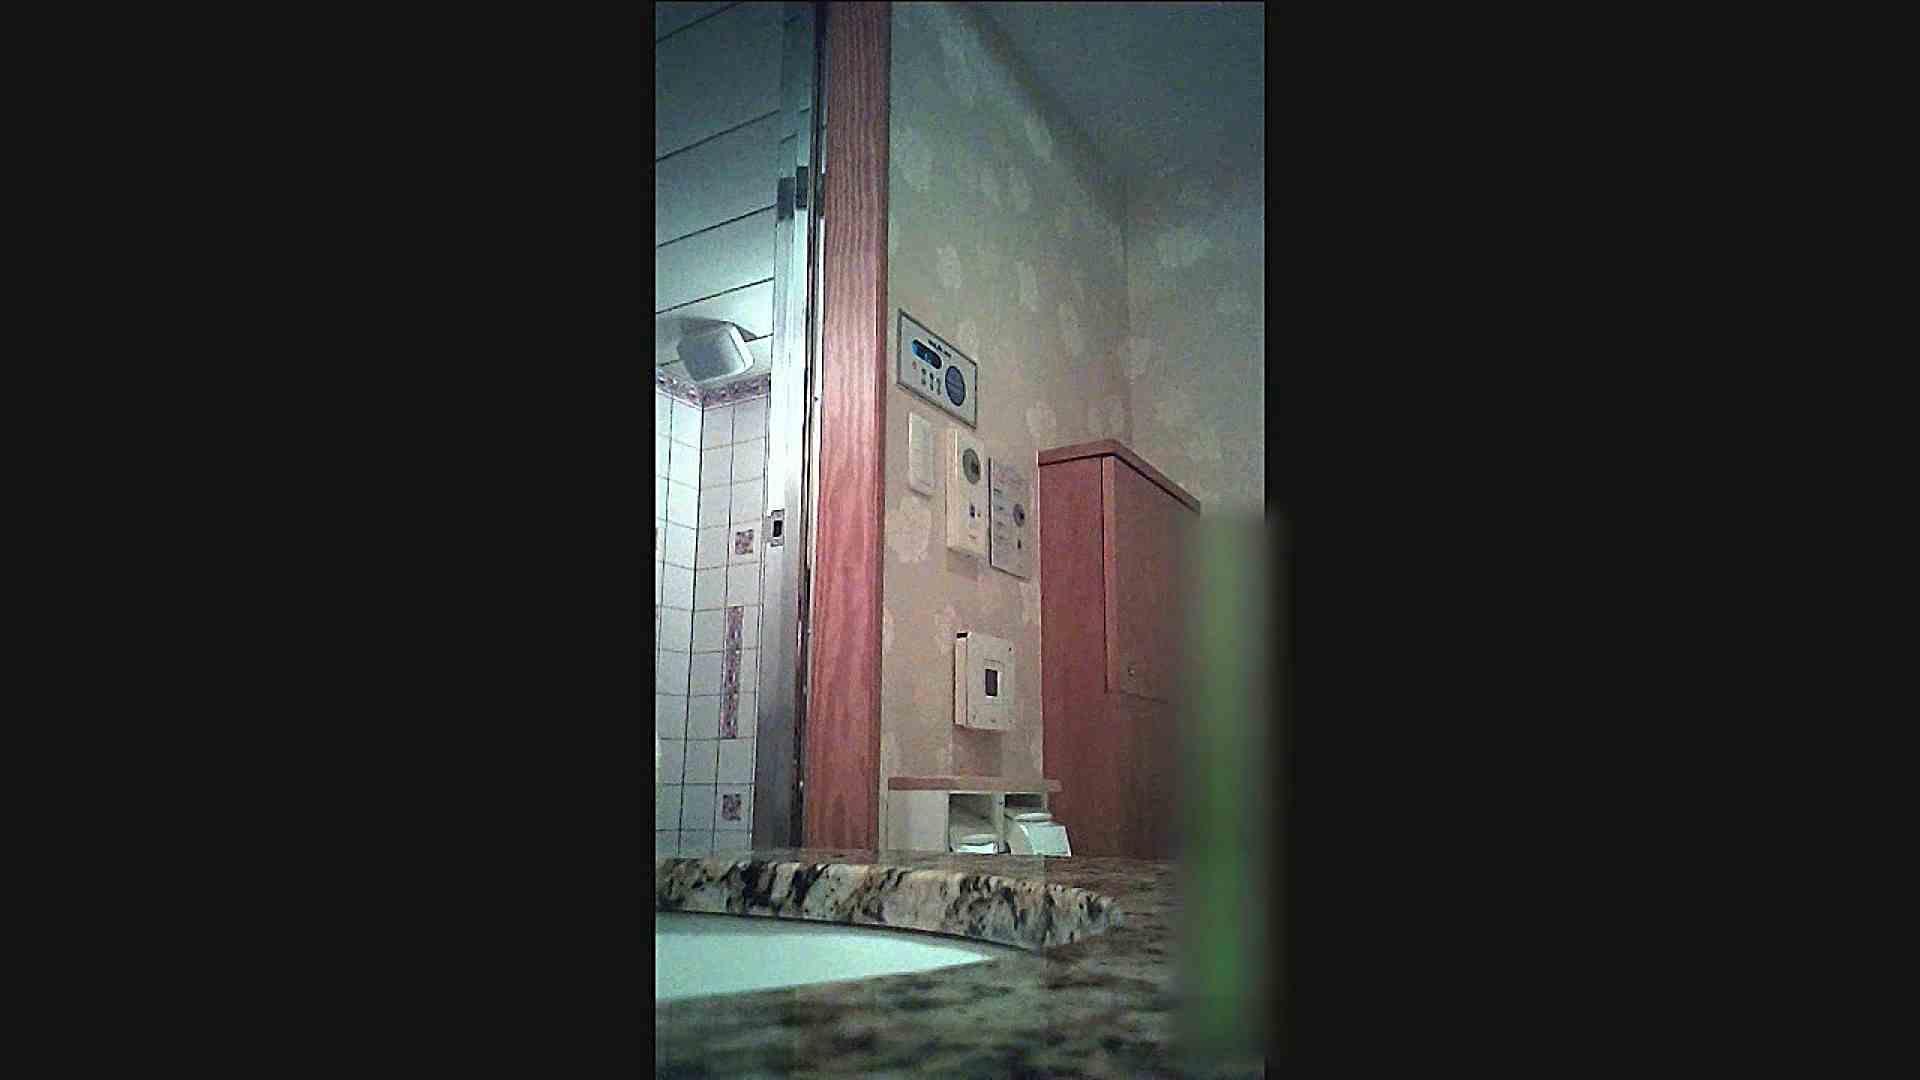 トイレ盗撮|▲復活限定D▲教育者の卵 かとうさん Vol.16 脱衣編|怪盗ジョーカー